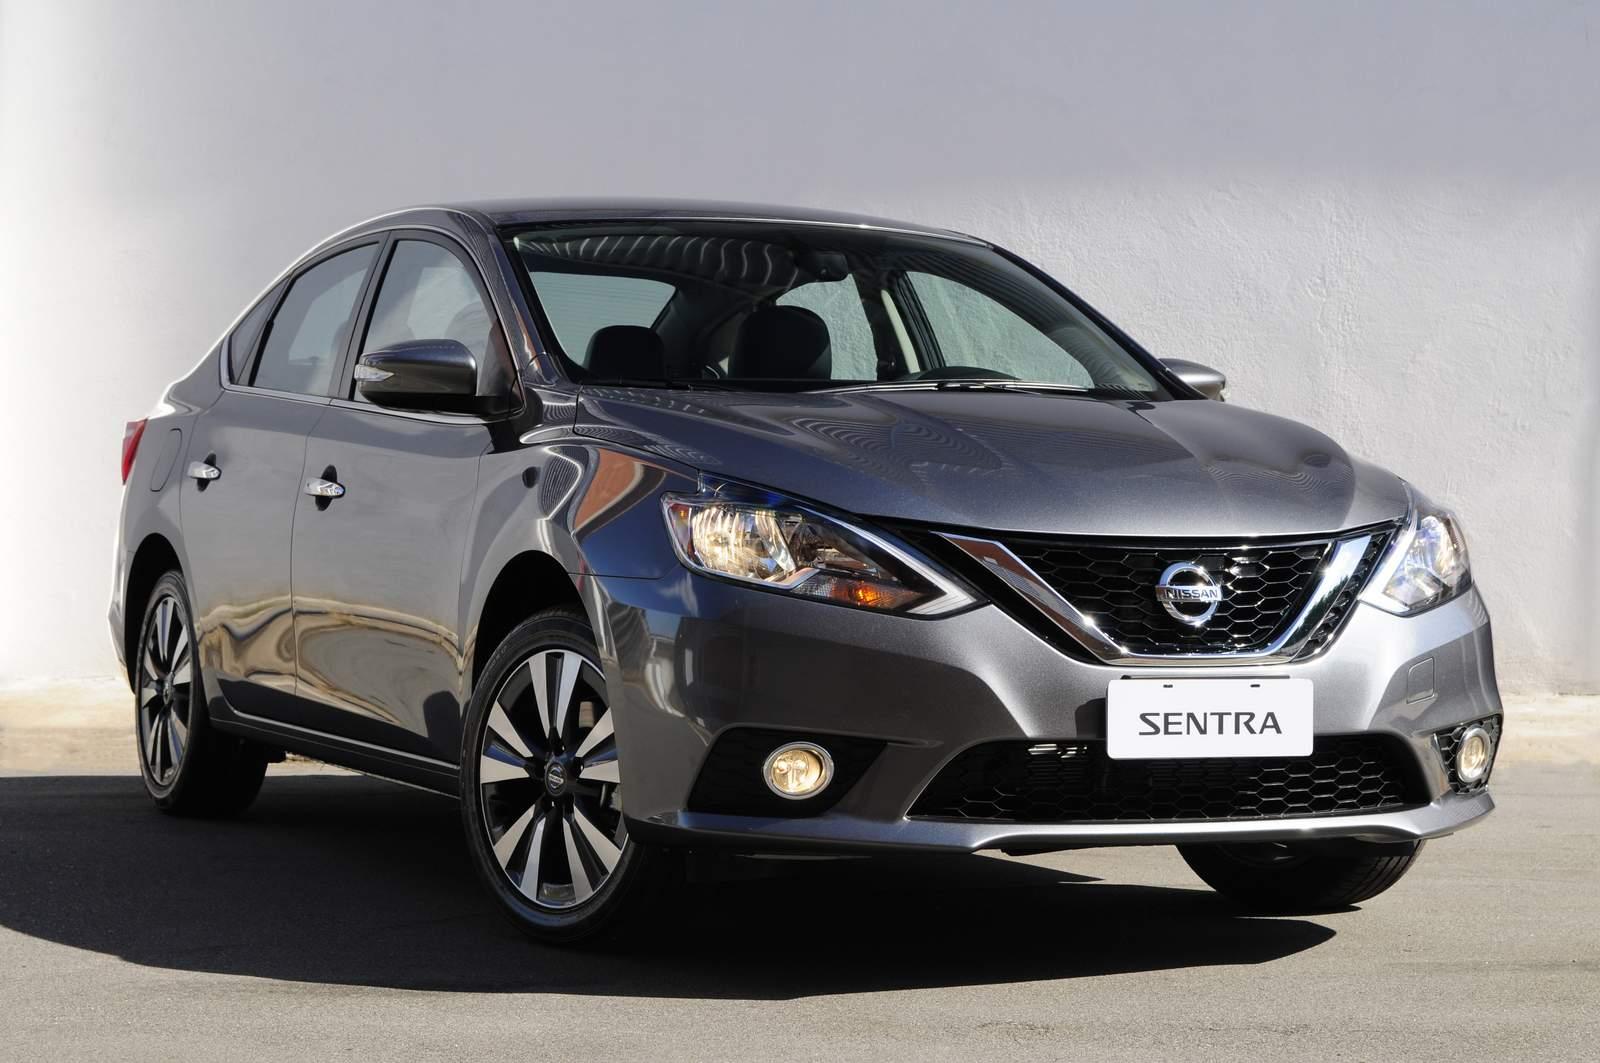 Novo Sentra ficou em segundo lugar no quesito segurança de acordo com o índice Car Group   Foto: Divulgação